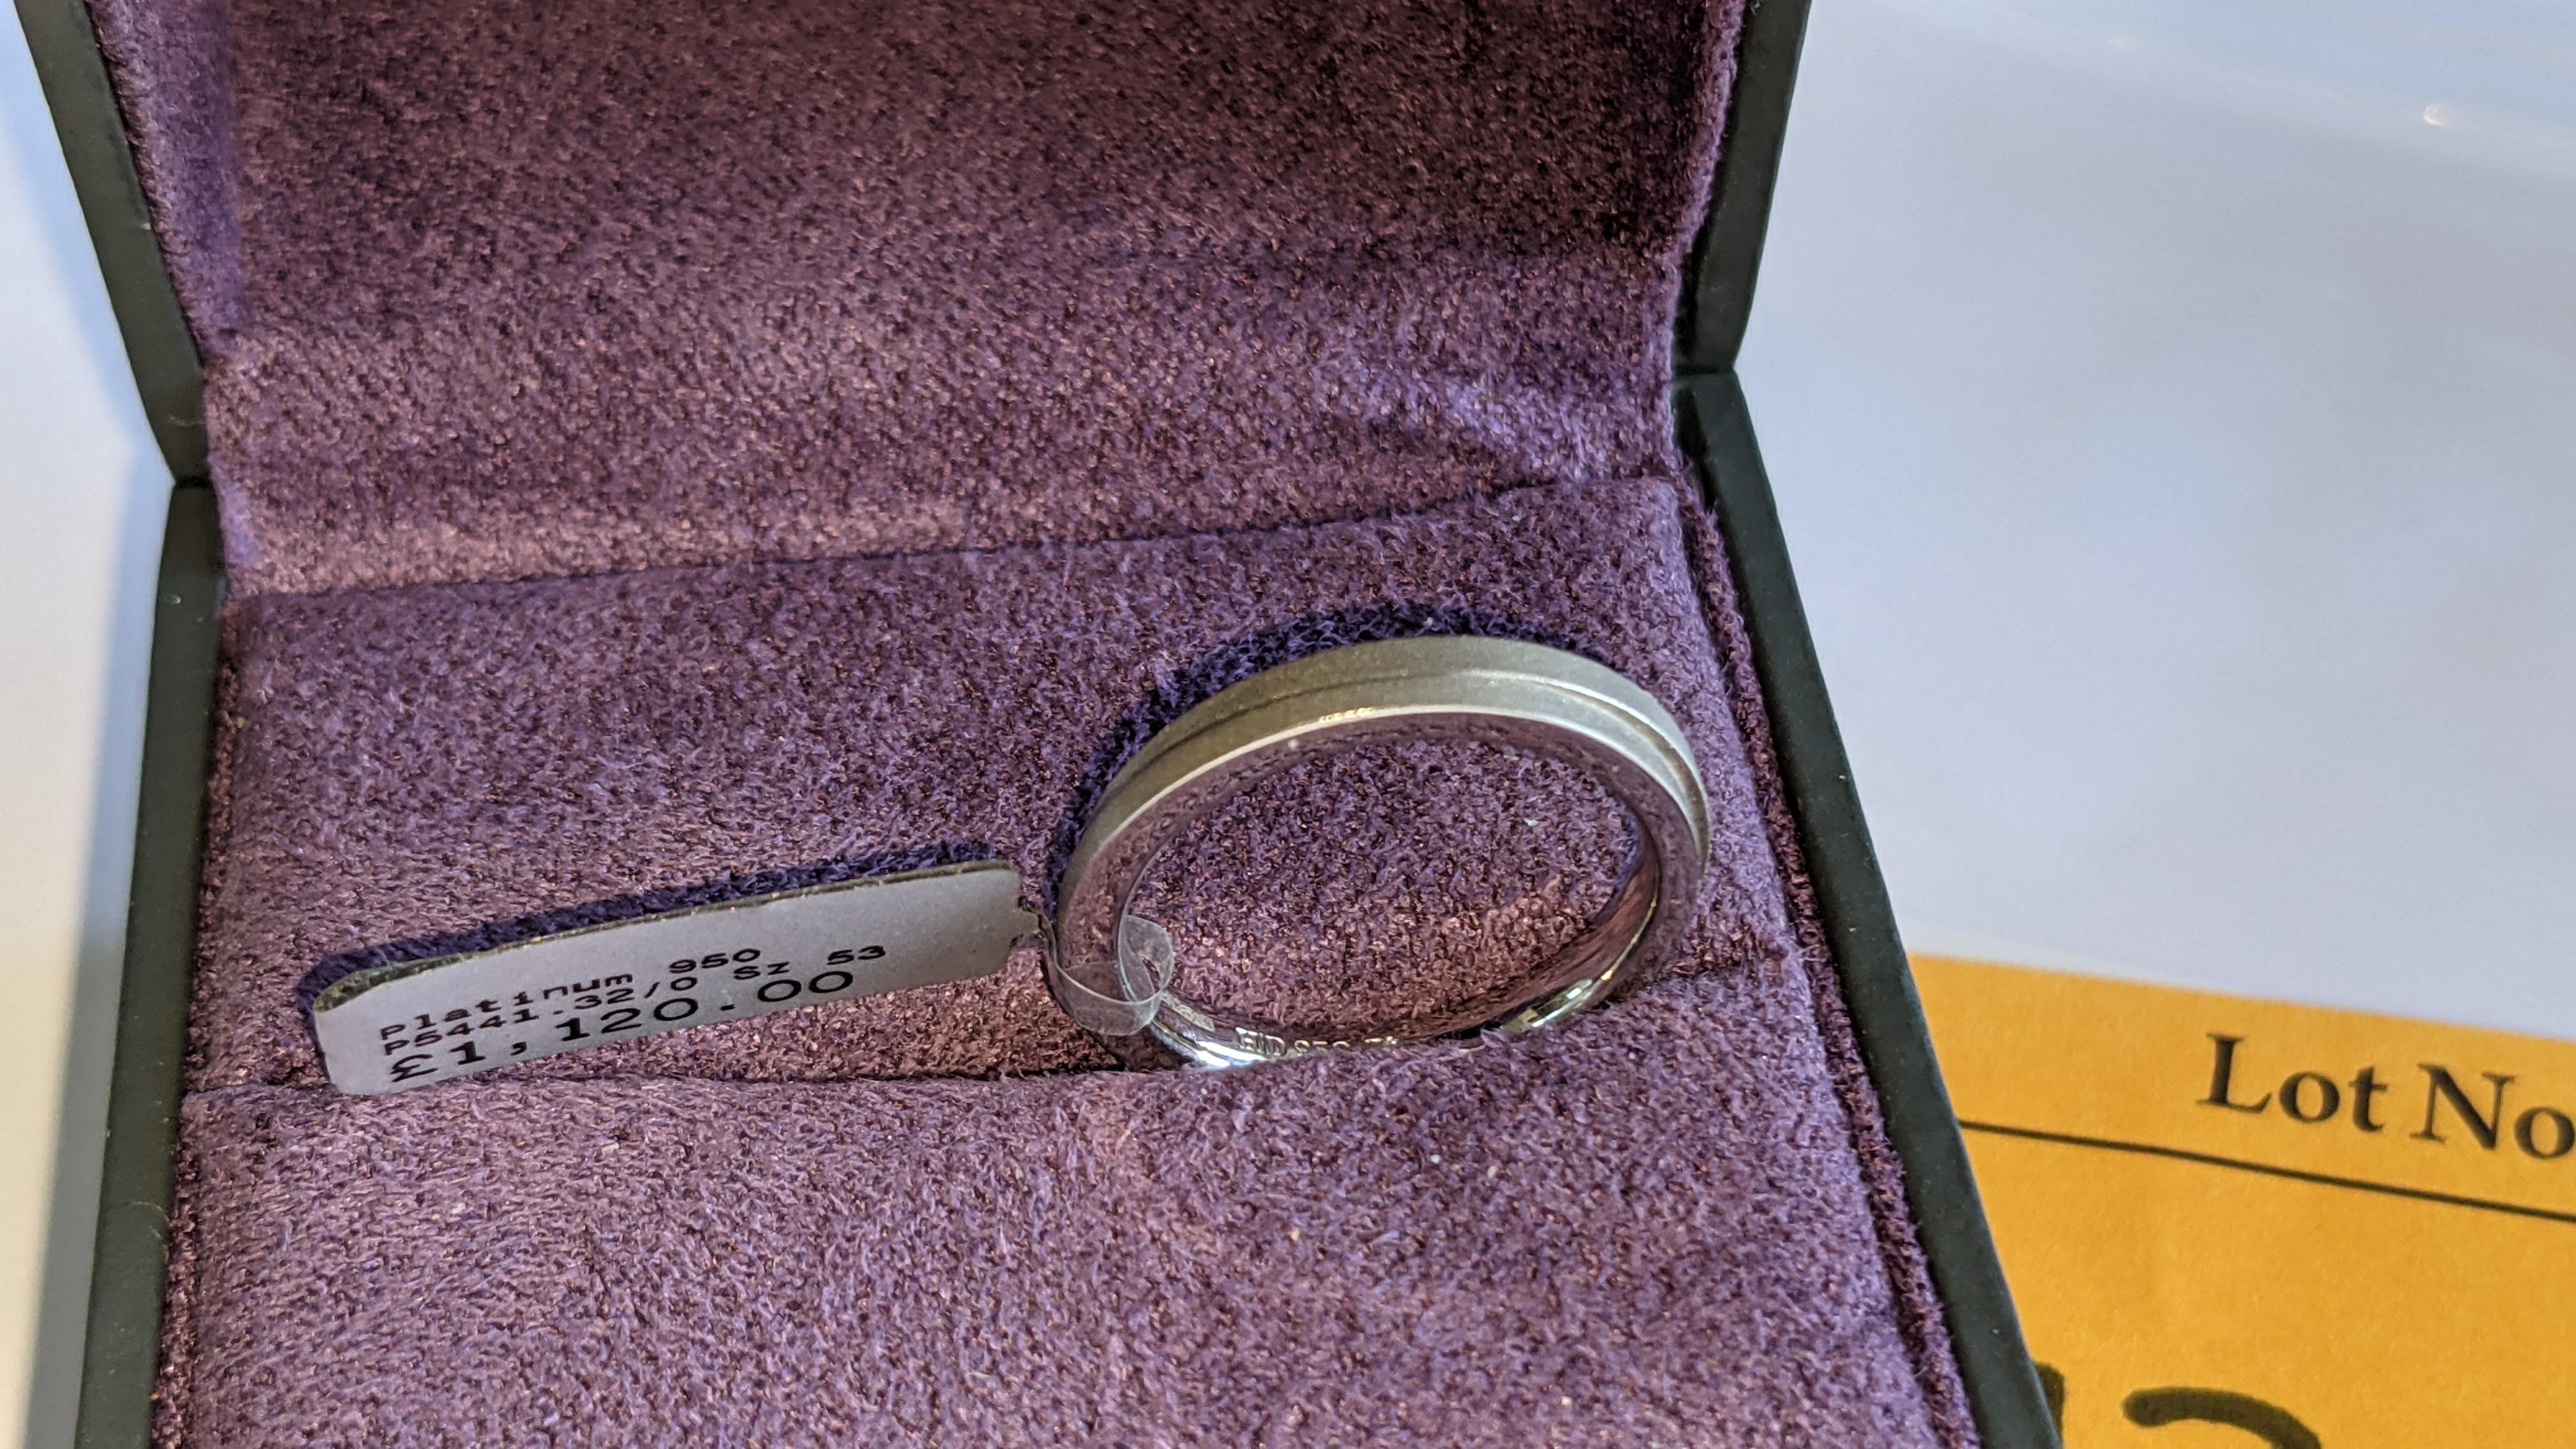 Platinum 950 wedding ring. RRP £1,120 - Image 3 of 13